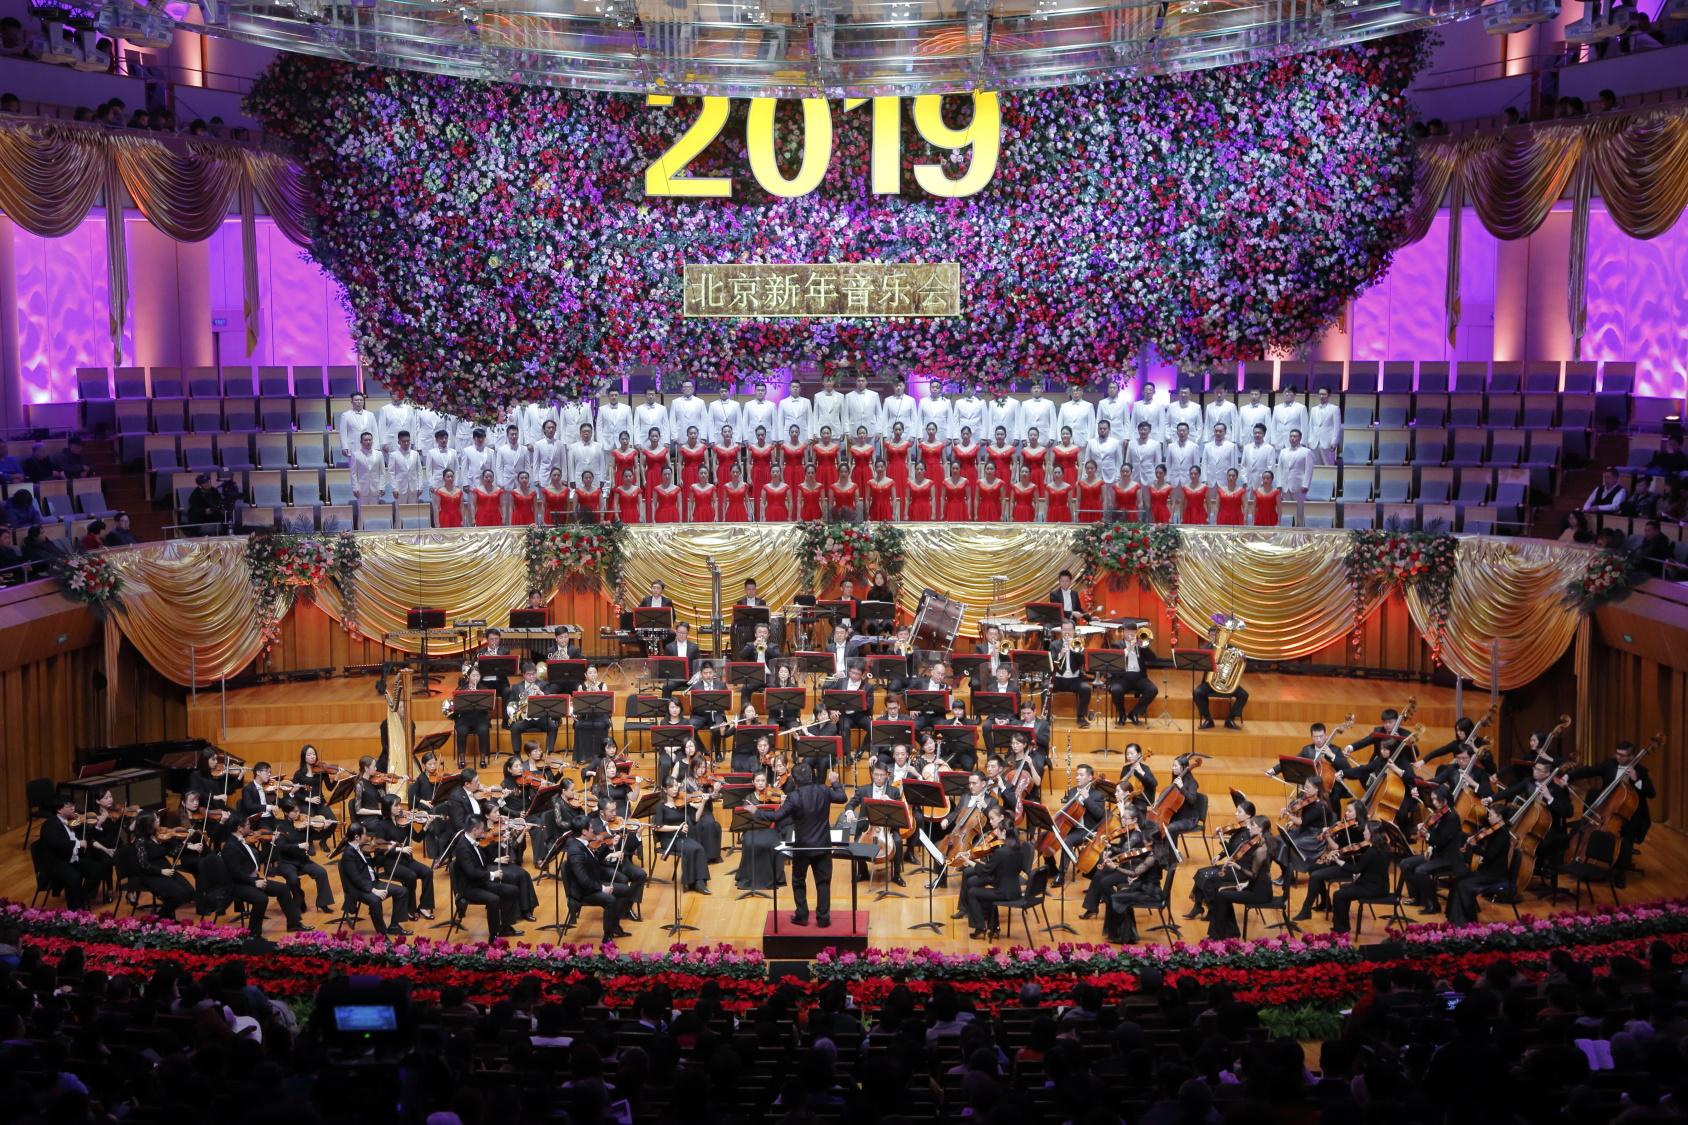 国家大剧院跨年夜精彩不断 两场音乐会送上新年祝福